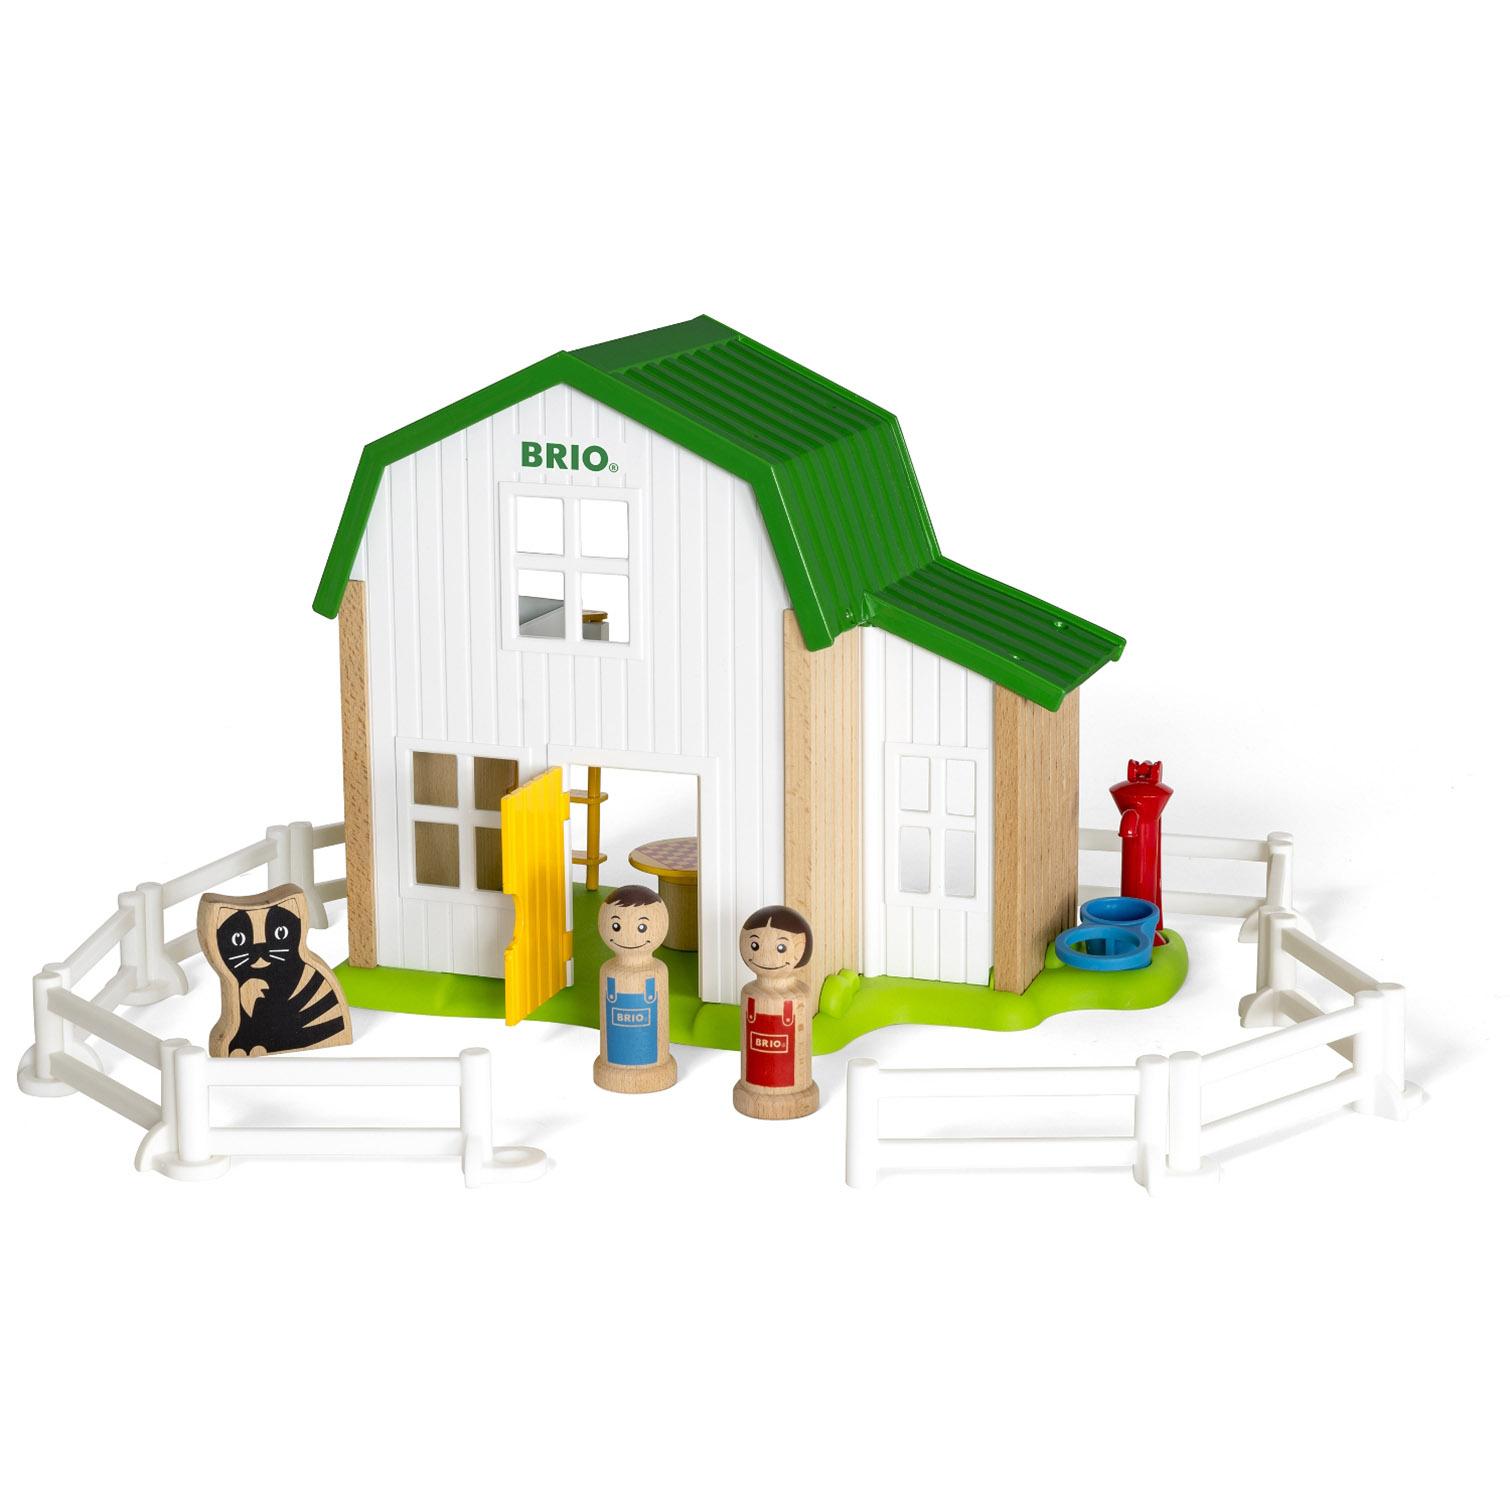 Купить Набор из серии Мой родной дом - Загородный дом, 20 элементов, Brio